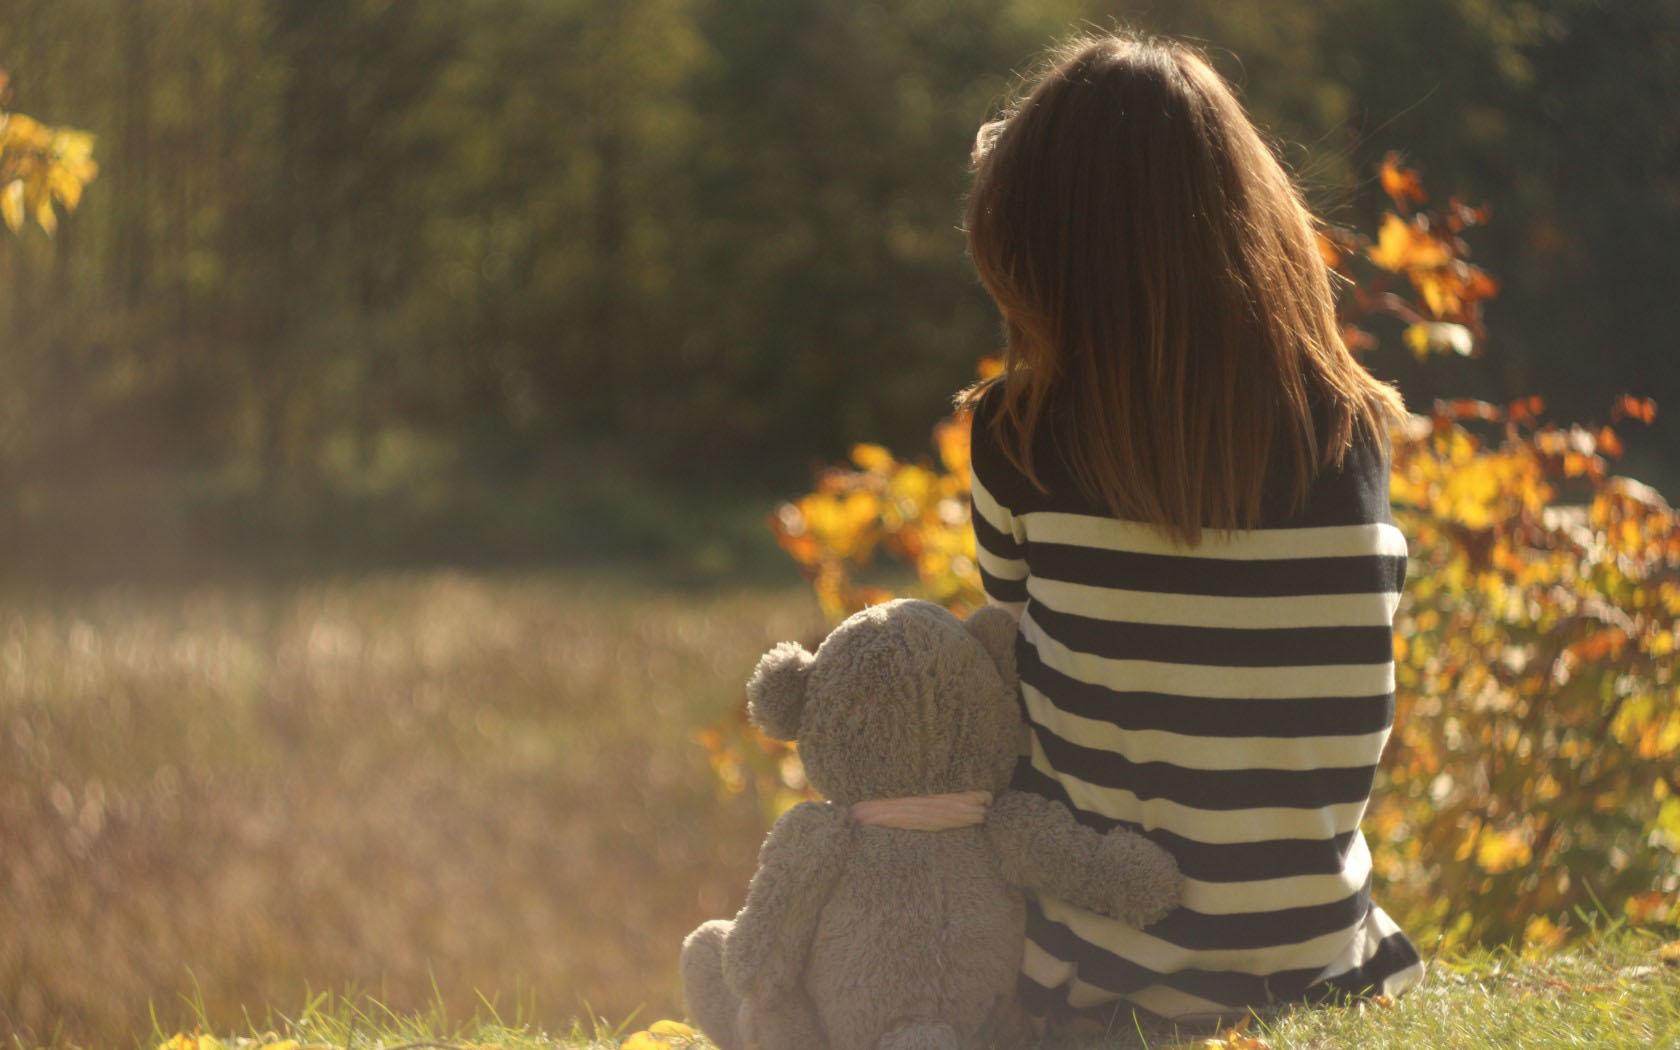 Khi mệt mỏi, hãy bỏ ít phút đọc câu chuyện này - Ảnh 2.